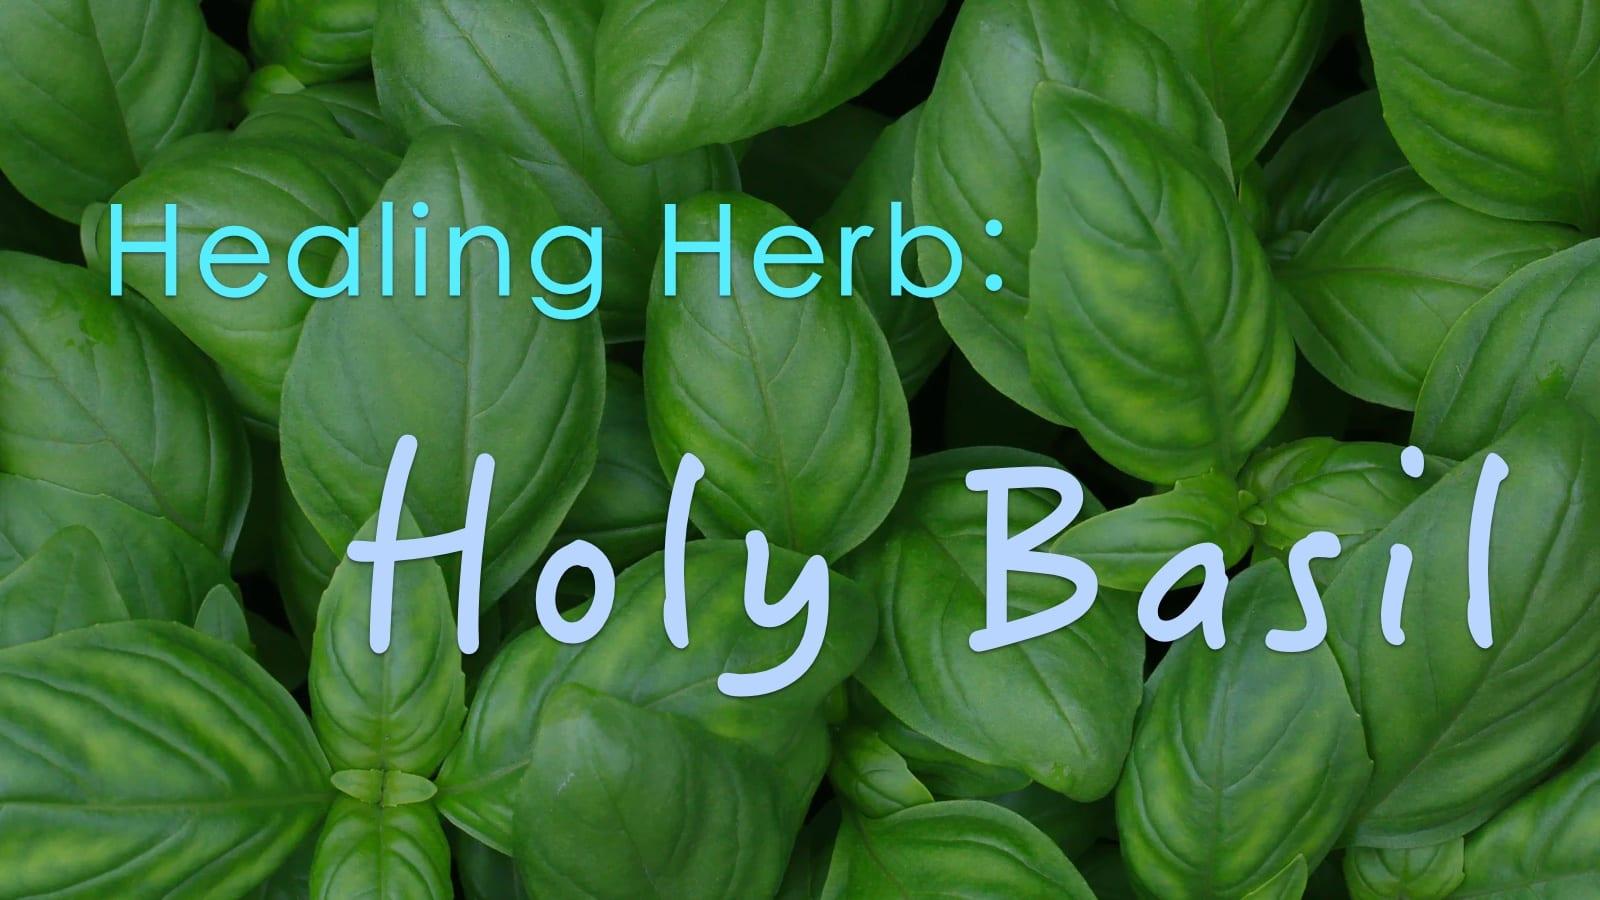 Healing Herb: Holy Basil